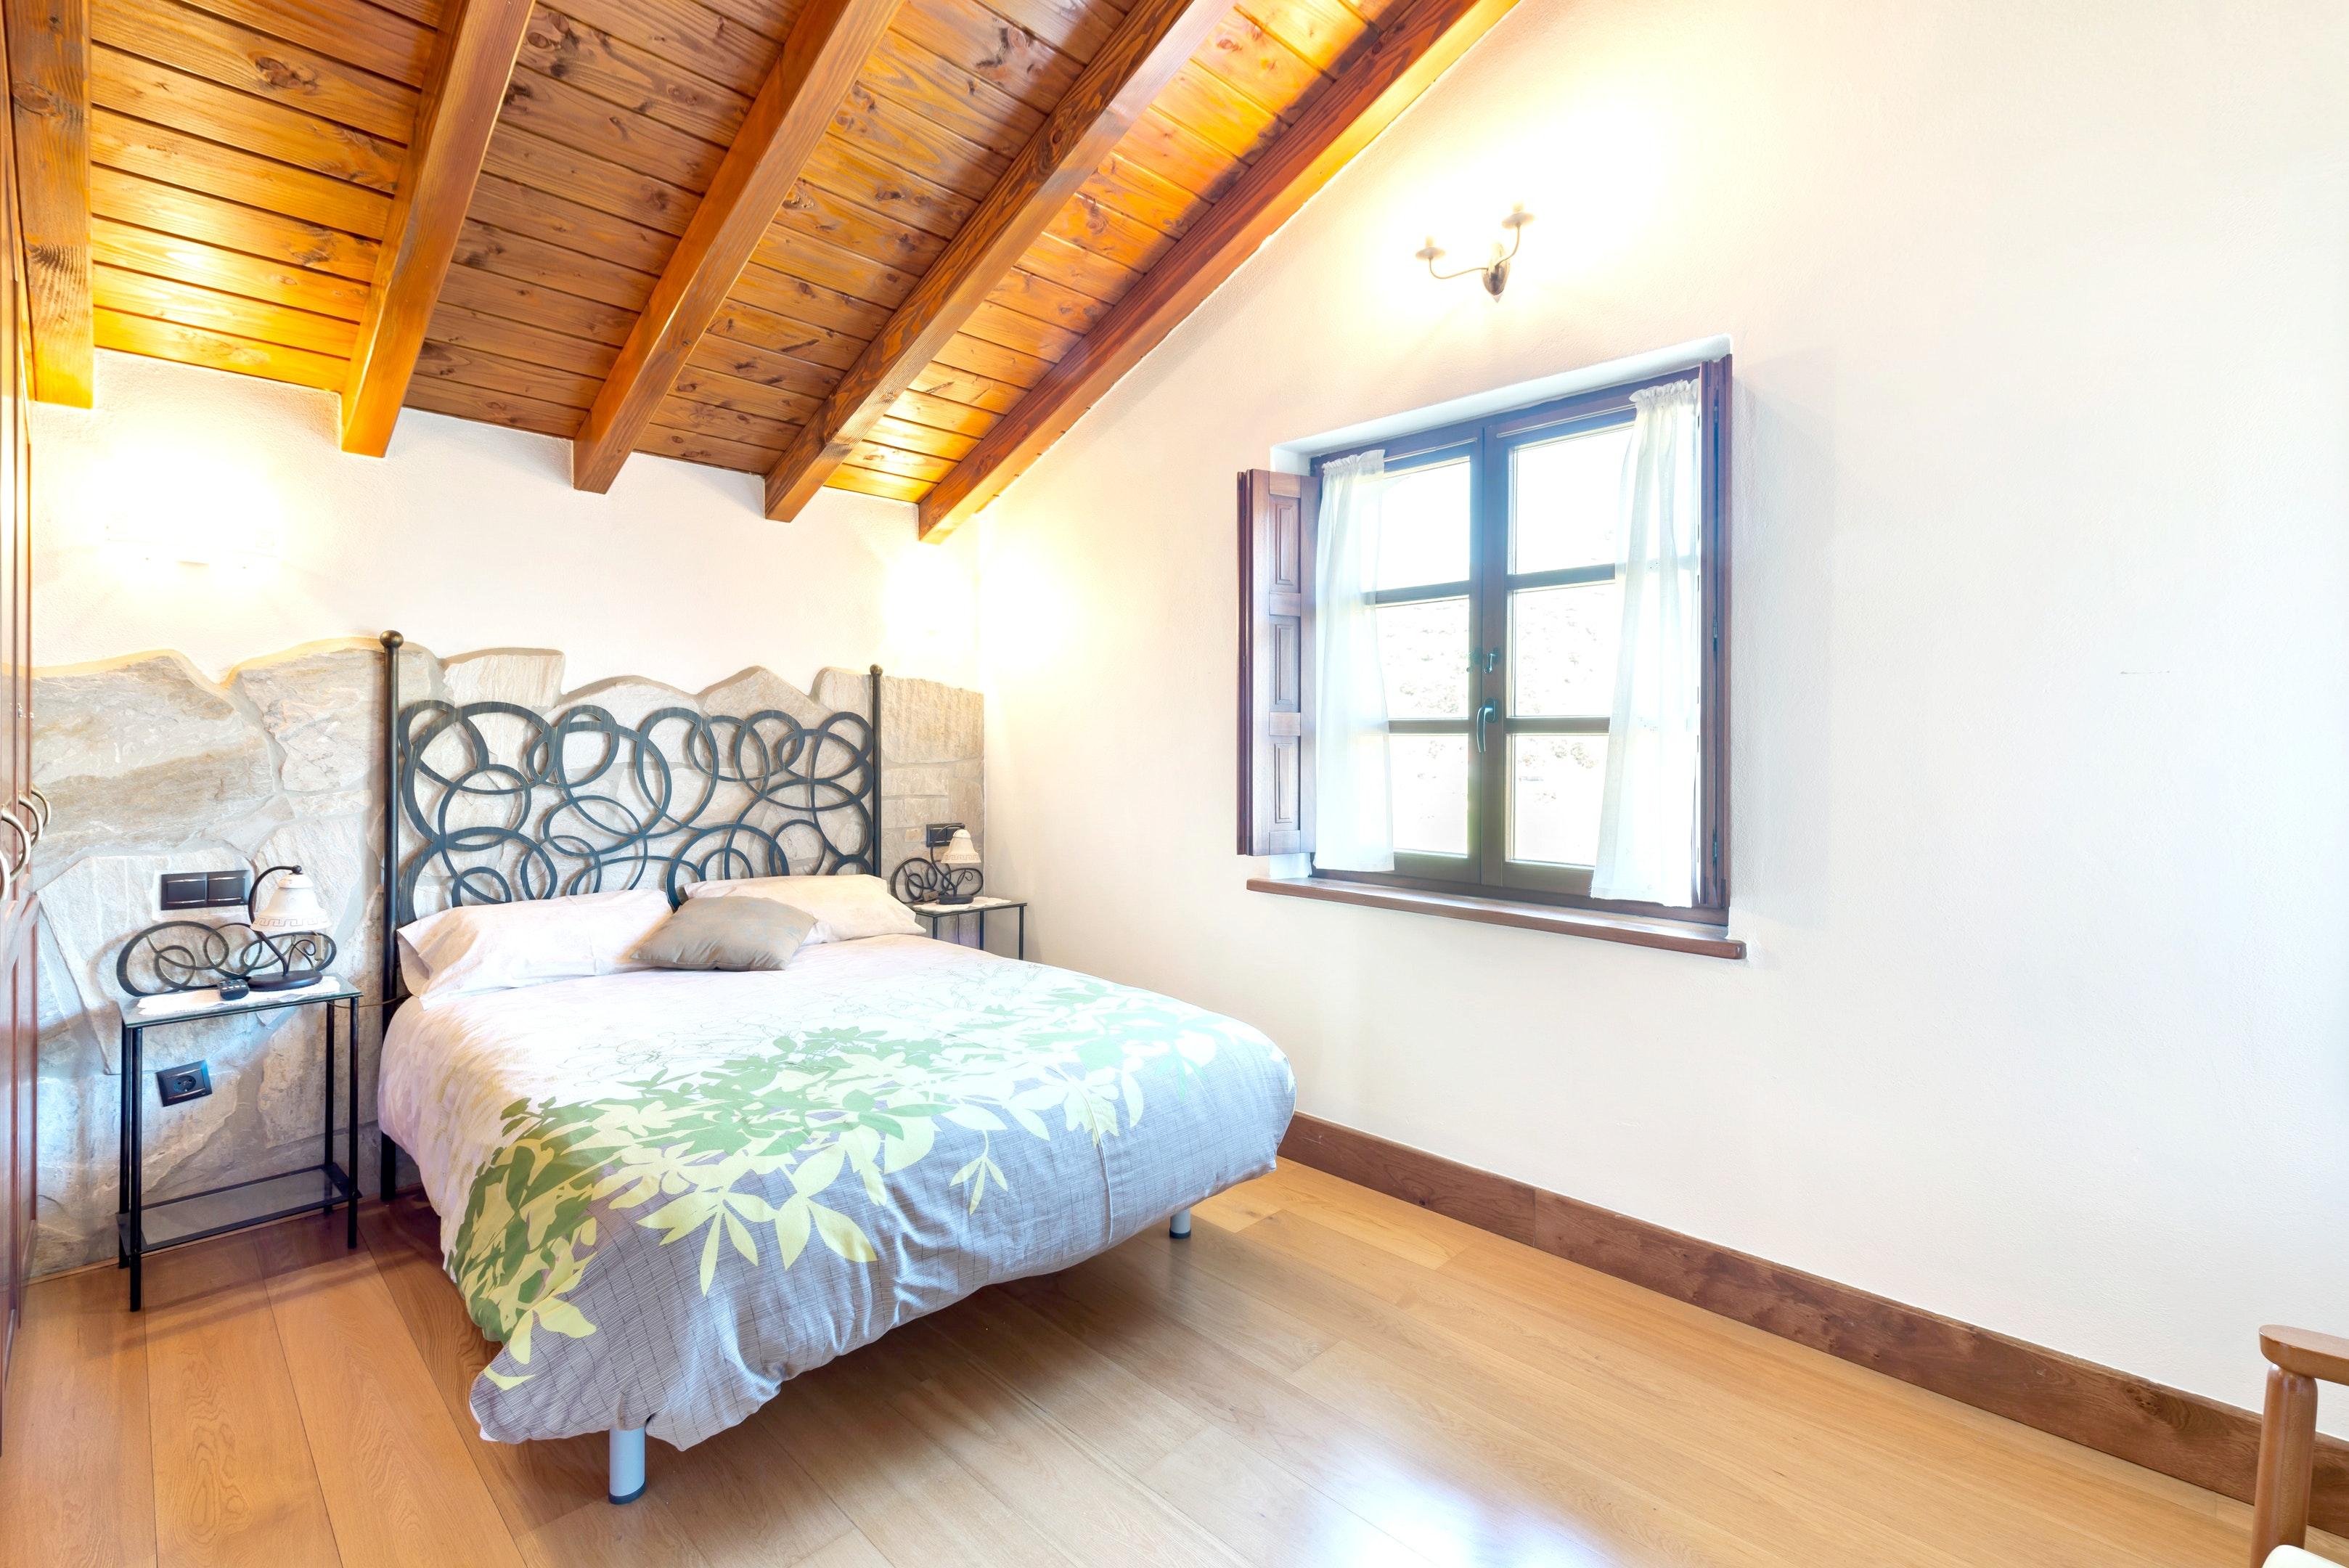 Ferienhaus Villa mit 6 Schlafzimmern in Bizkaia mit privatem Pool und möblierter Terrasse (2519370), Dima, Bizkaia, Baskenland, Spanien, Bild 10